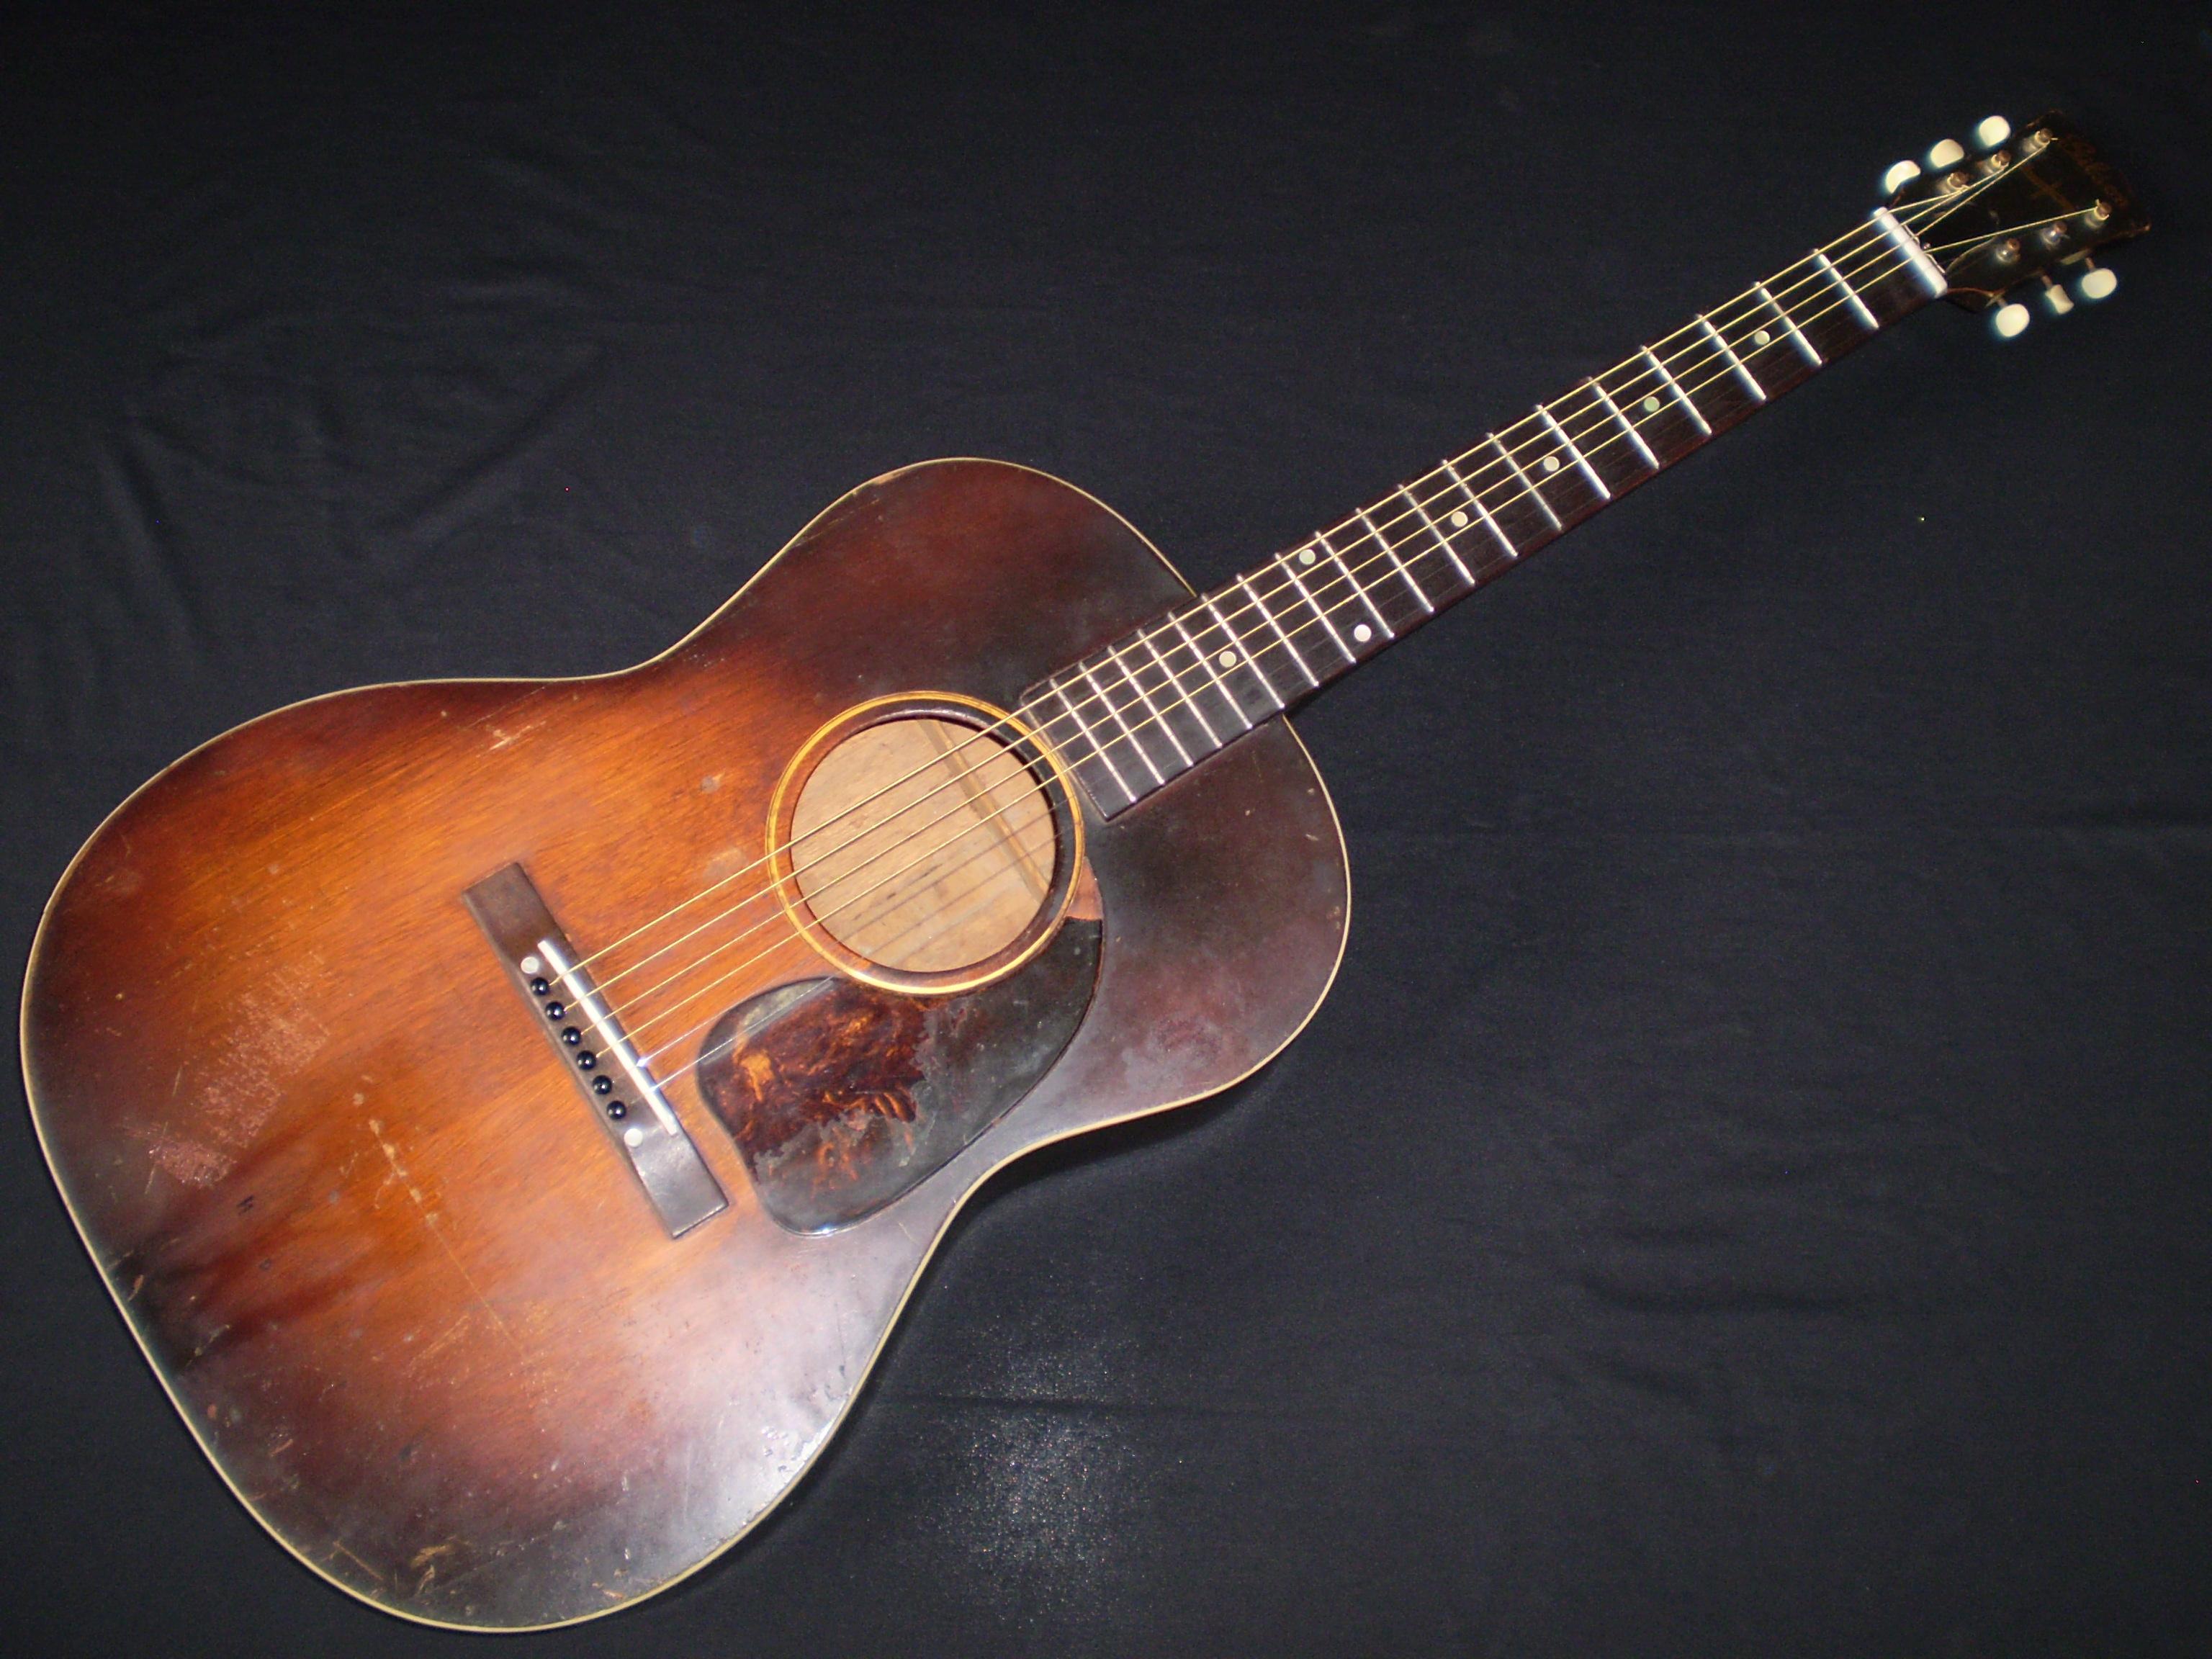 gibson lg2 1943 sunburst guitar for sale glenns guitars. Black Bedroom Furniture Sets. Home Design Ideas